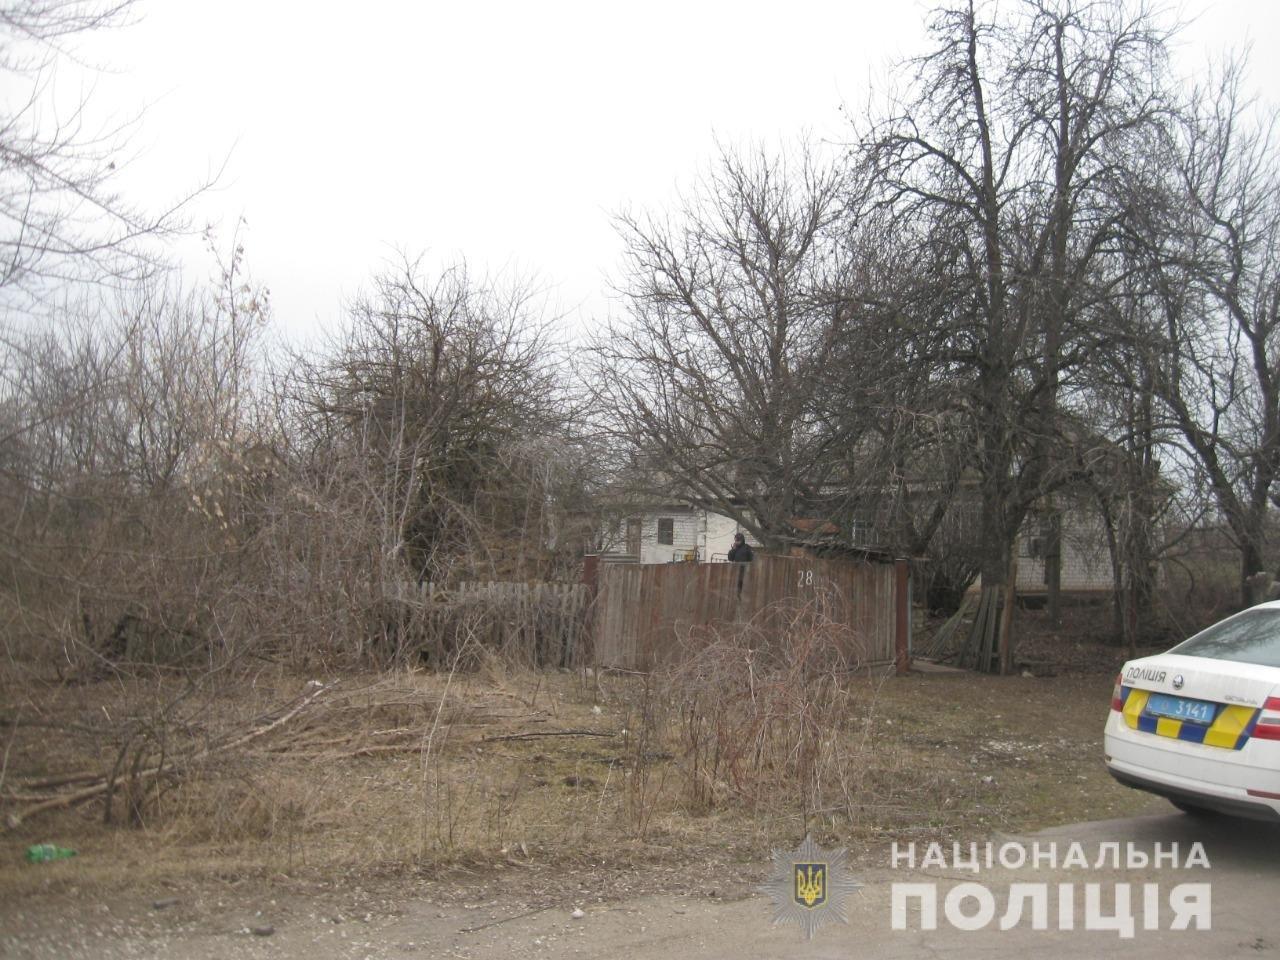 В Днепропетровской области неизвестный ограбил дом 82-летнего пенсионера, - ФОТО, фото-2